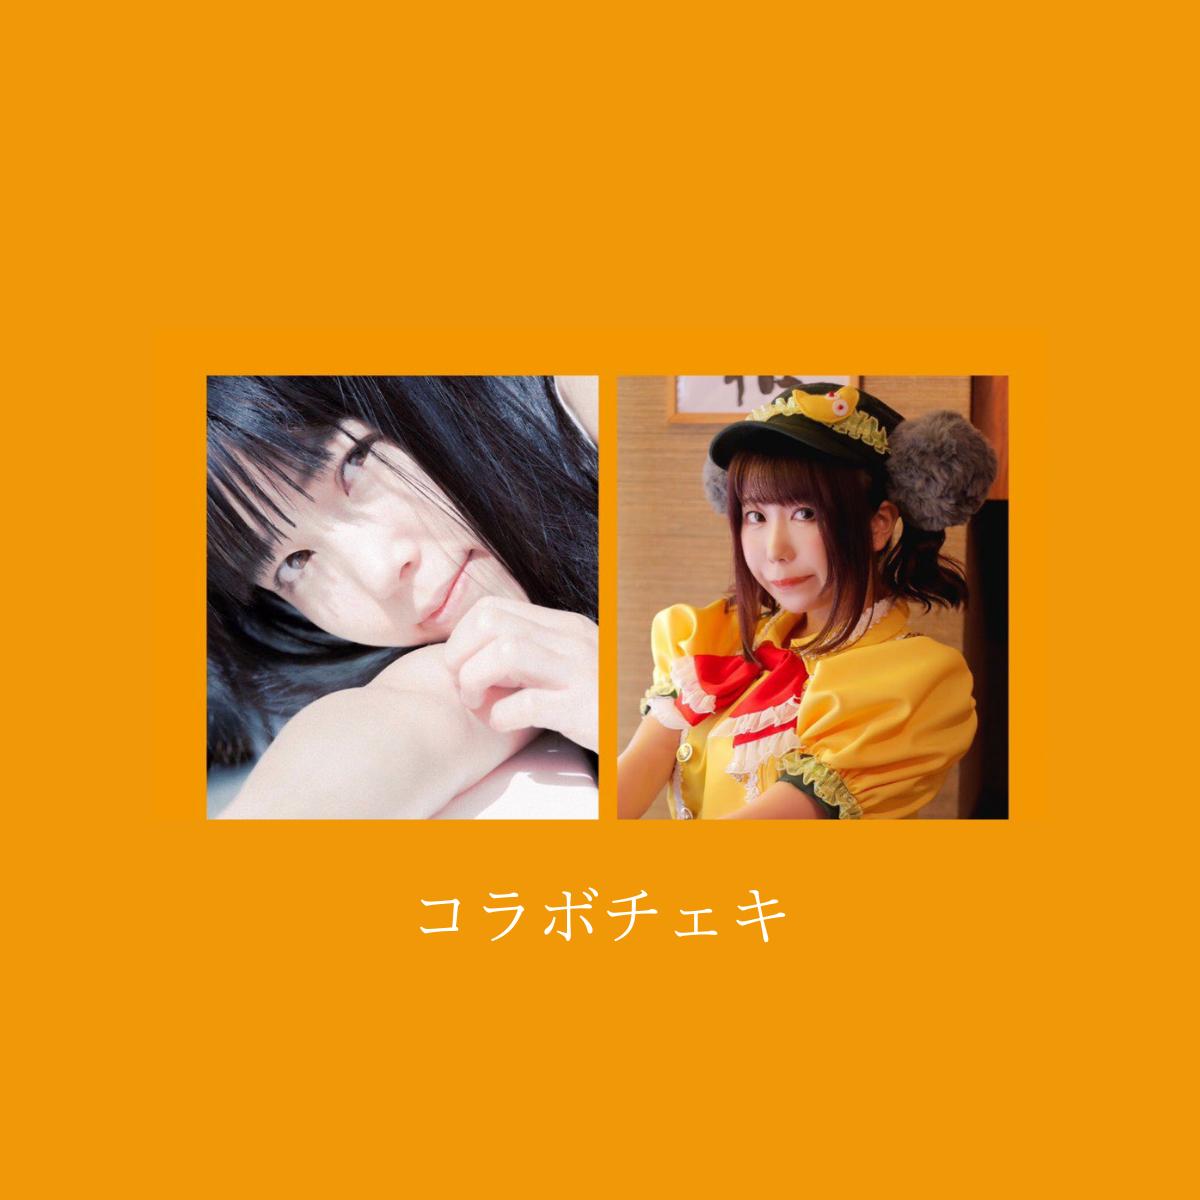 【コラボ商品】絵恋ちゃん×里咲りさ サイン入りチェキセット